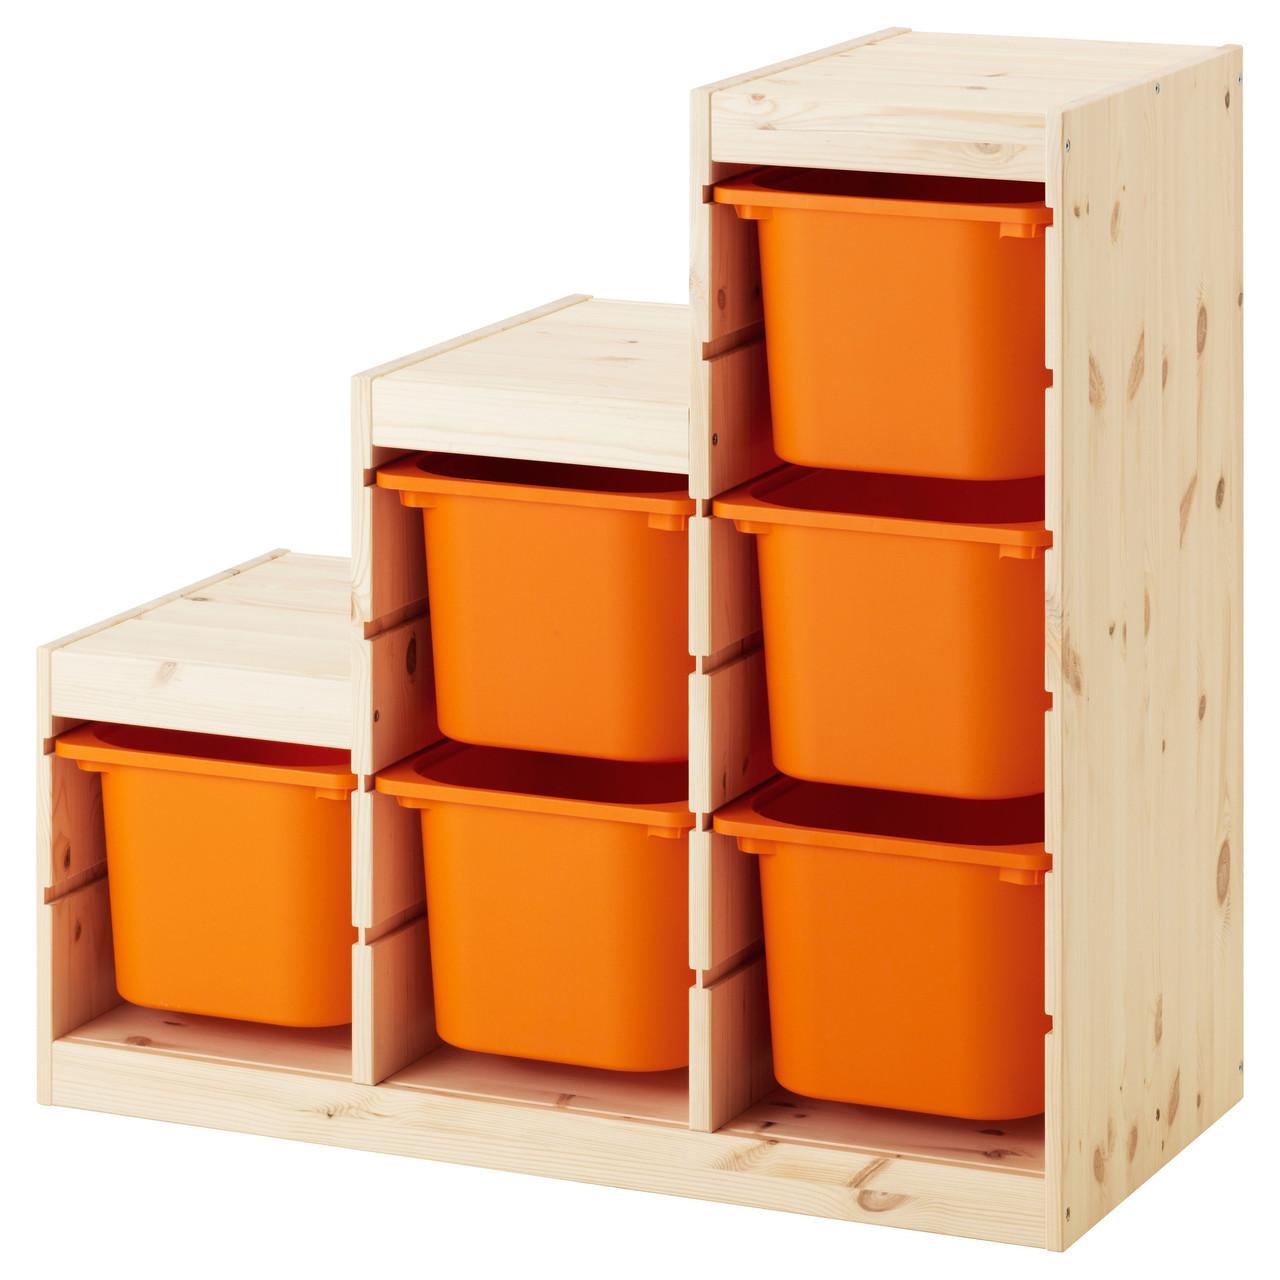 TROFAST Стеллаж, сосна, оранжевый 691.022.23